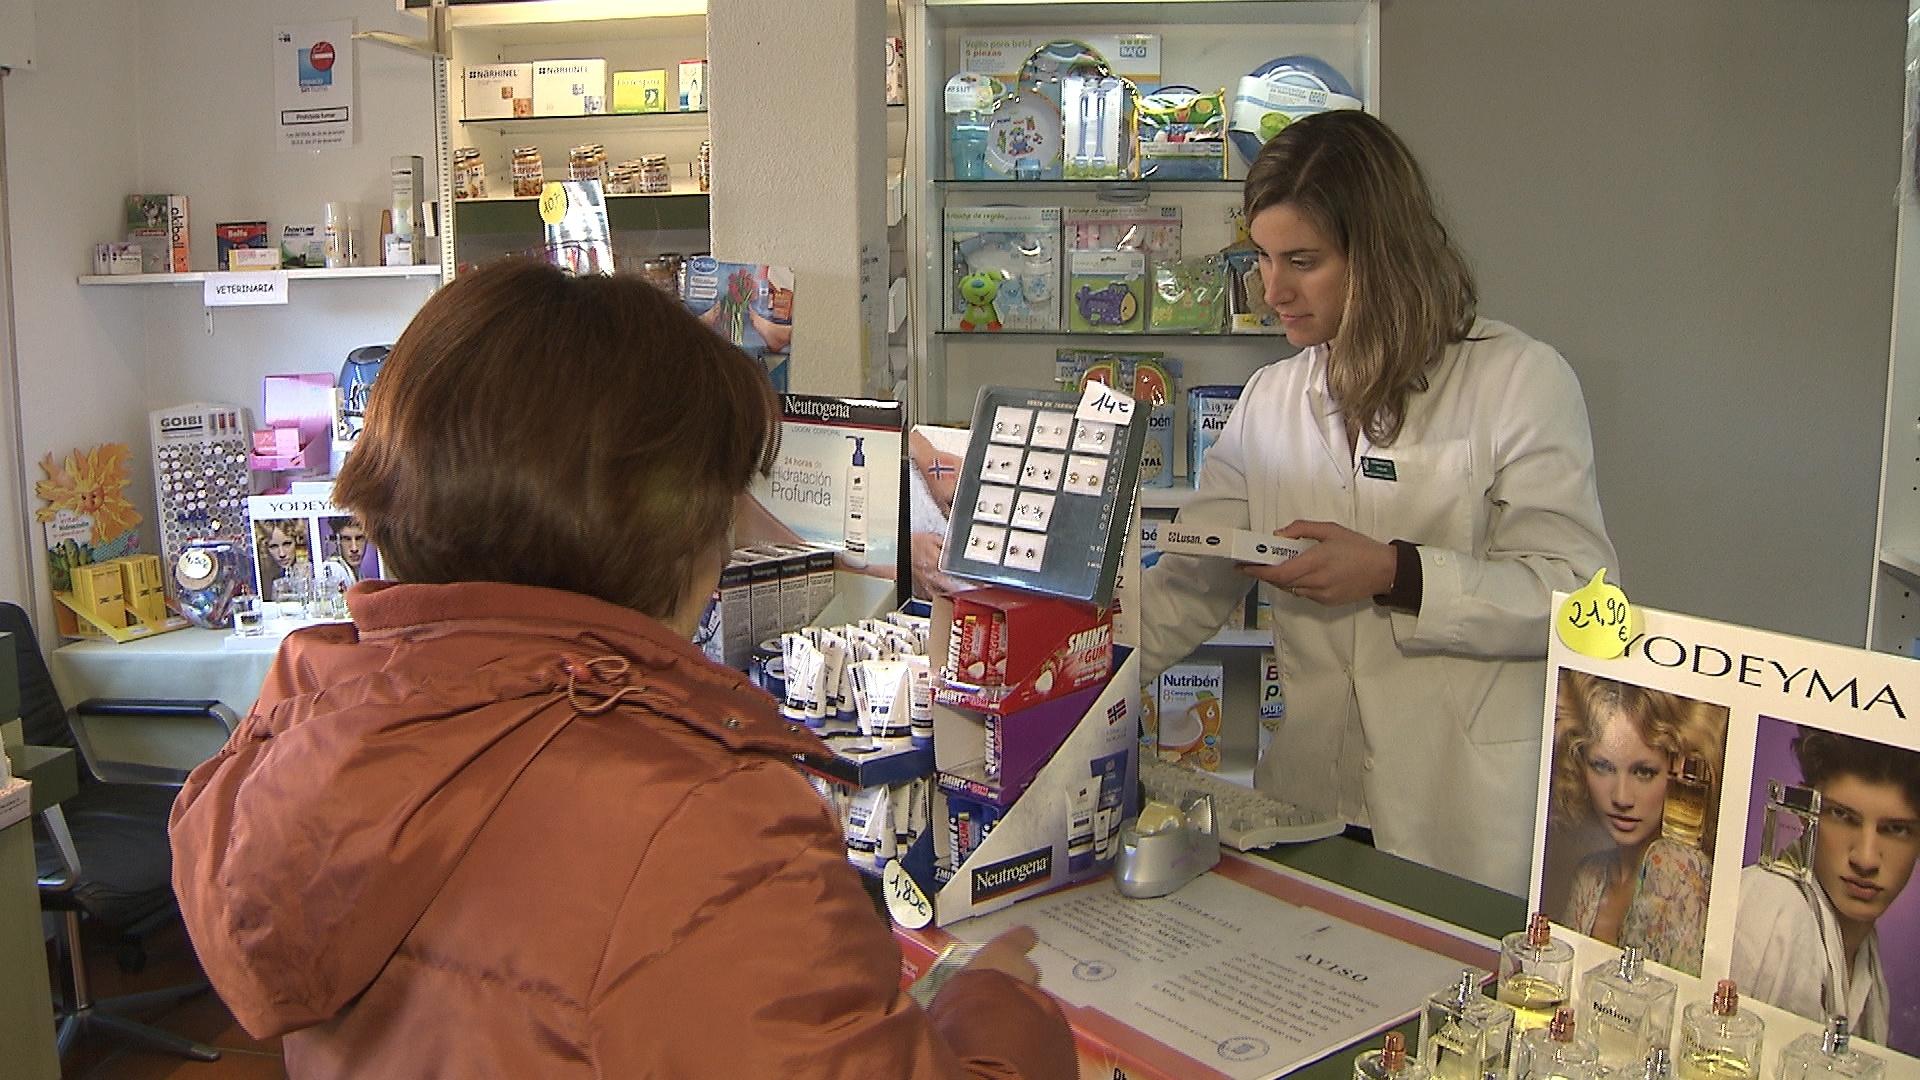 El gasto farmacéutico público por habitante se situó en 261,17 euros en 2012 en Galicia y el privado en 130,4 euros